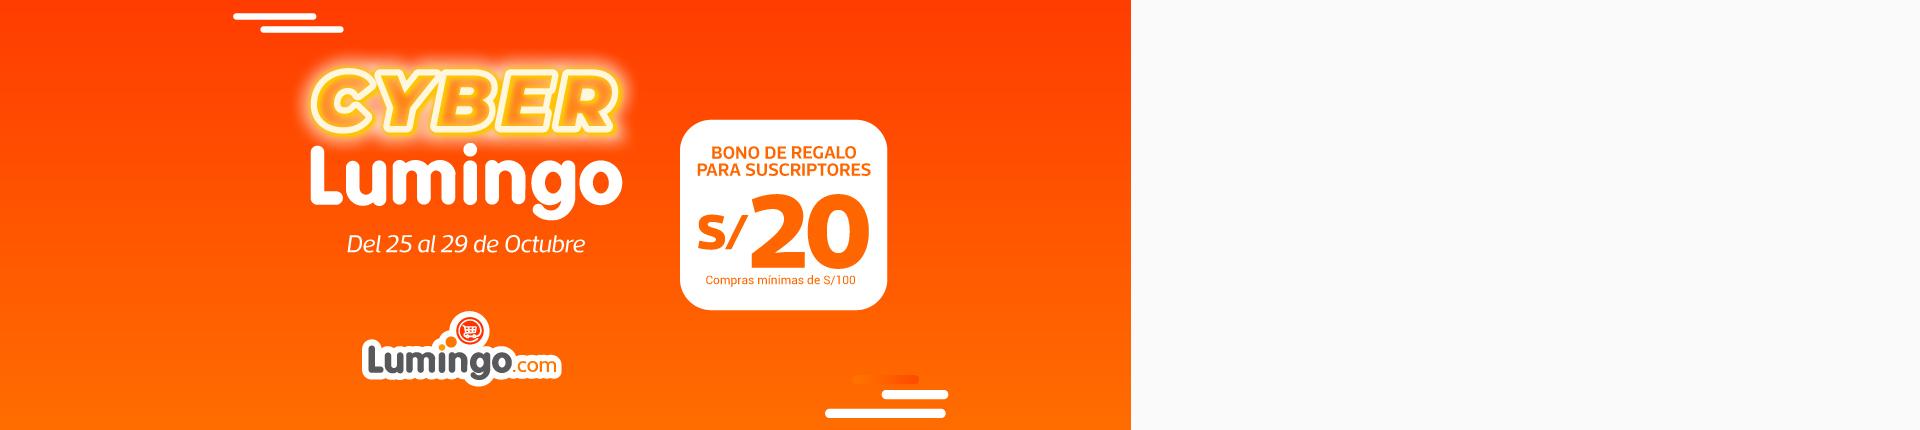 CYBER LUMINGO | BONO DE S/20 - Club El Comercio Perú.